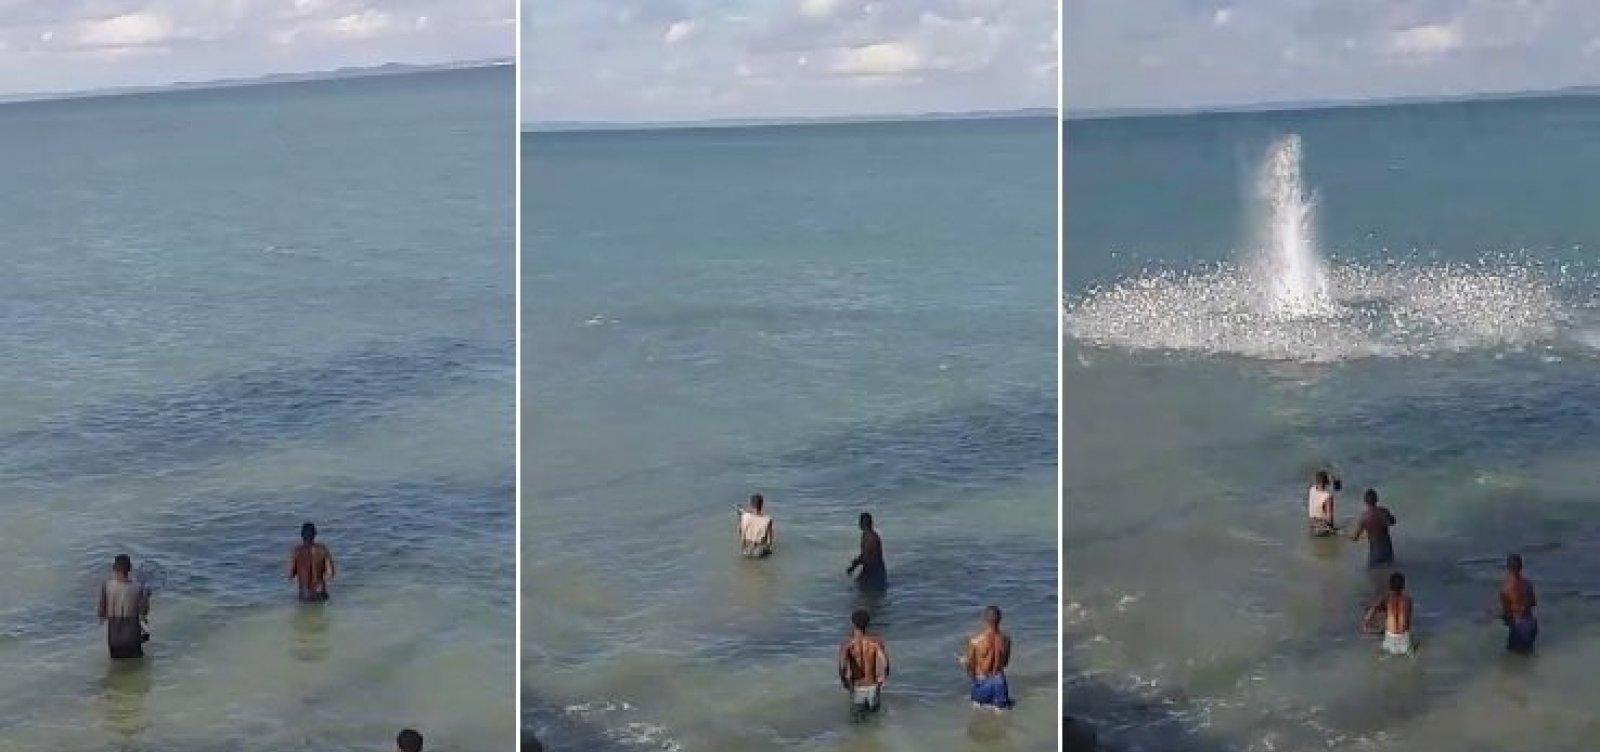 Vídeo: Morador de Itaparica denuncia pesca com bomba na ilha